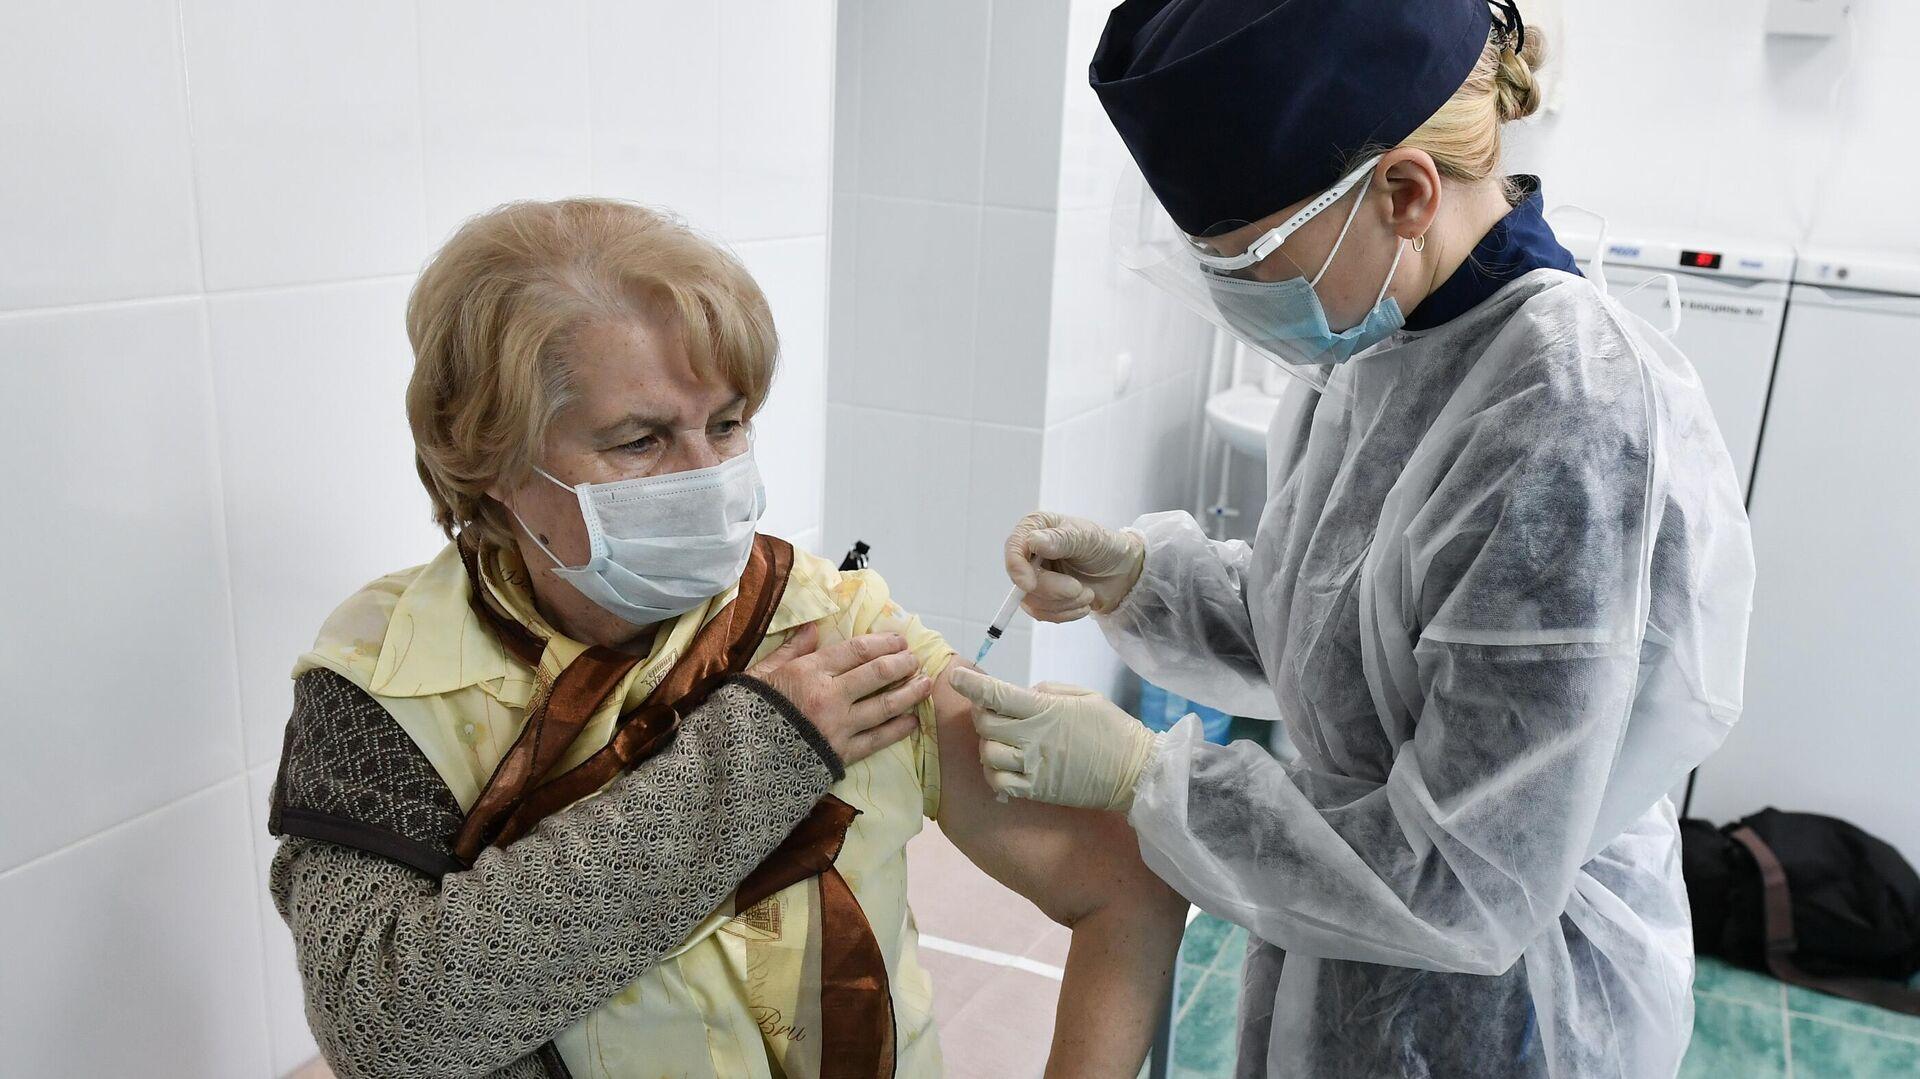 Пациент во время прививки вакциной Гам-Ковид-Вак (Спутник V) от COVID-19 в 7-й городской поликлинике Симферополя - РИА Новости, 1920, 13.10.2021